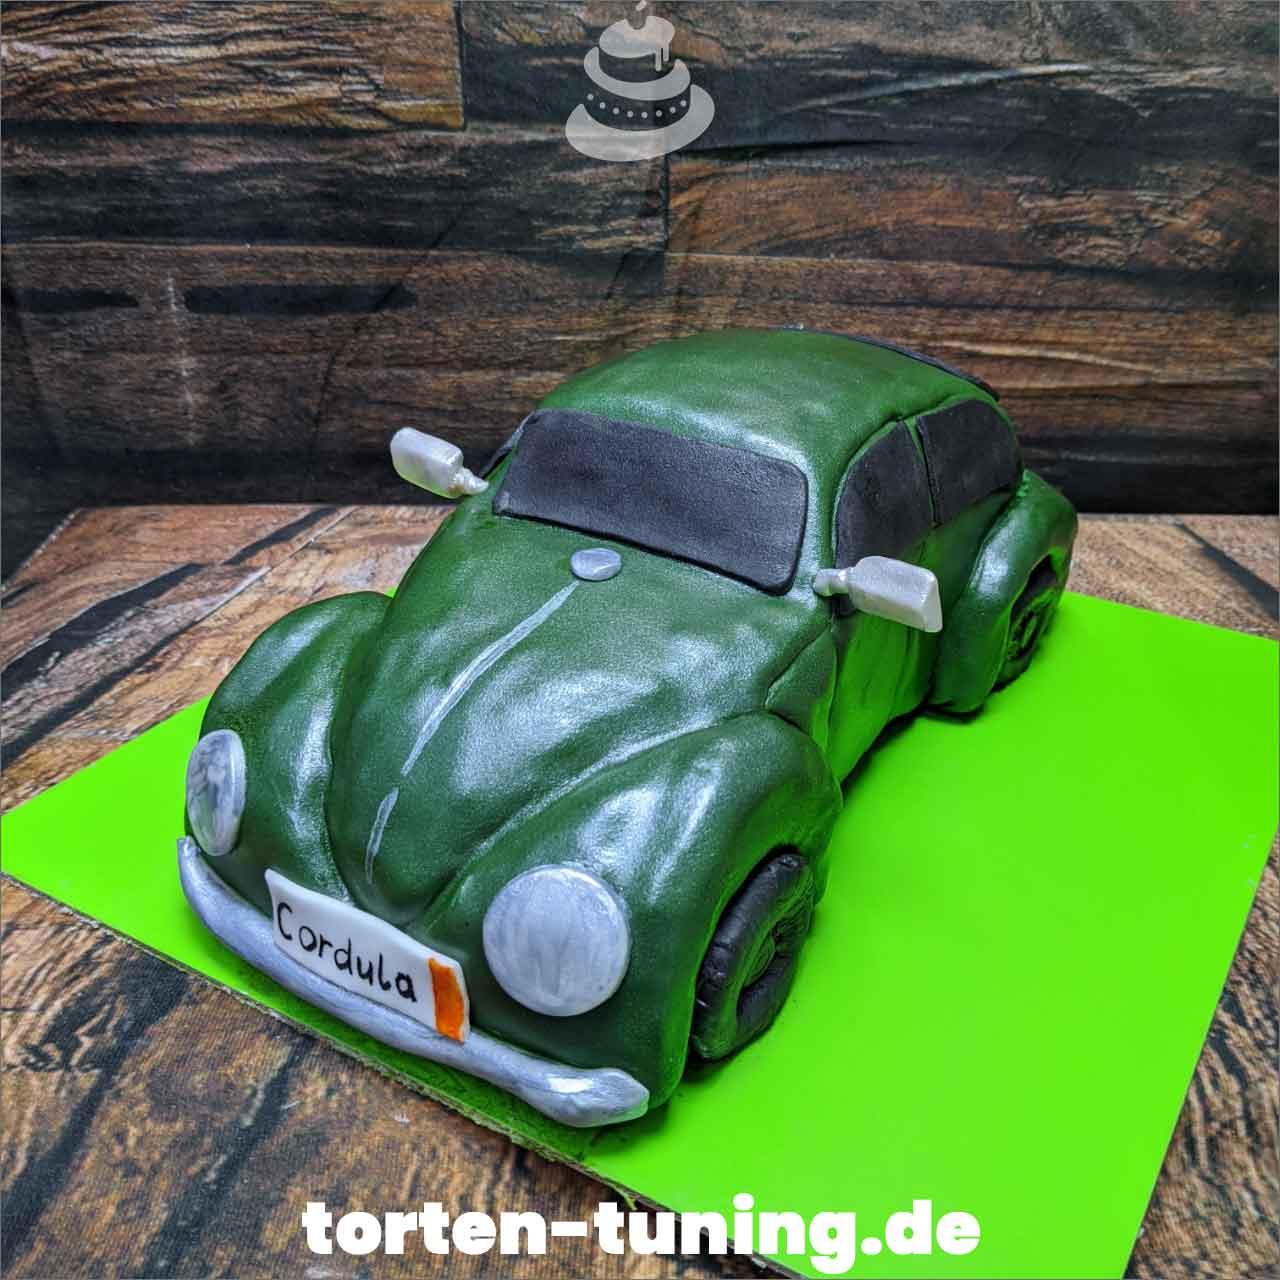 VW Käfer 3D Torte Autotorte Obsttorte Geburtstagstorte Motivtorte Torte Tortendekoration Torte online bestellen Suhl Thüringen Torten Tuning Sahnetorte Tortenfiguren Cake Topper